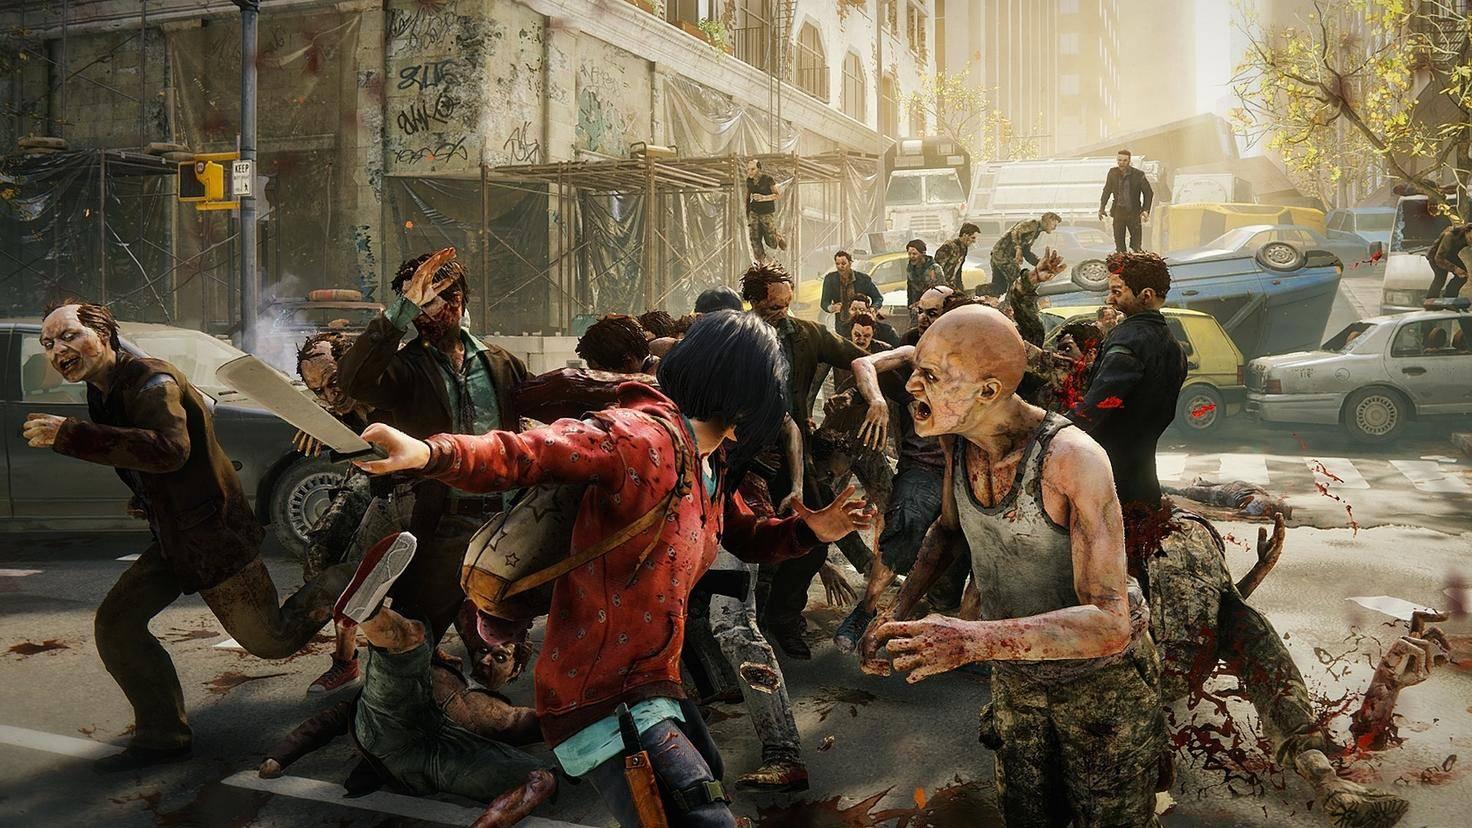 Fast allein gegen viele – für Zombie-Fans ein vertrautes Bild.